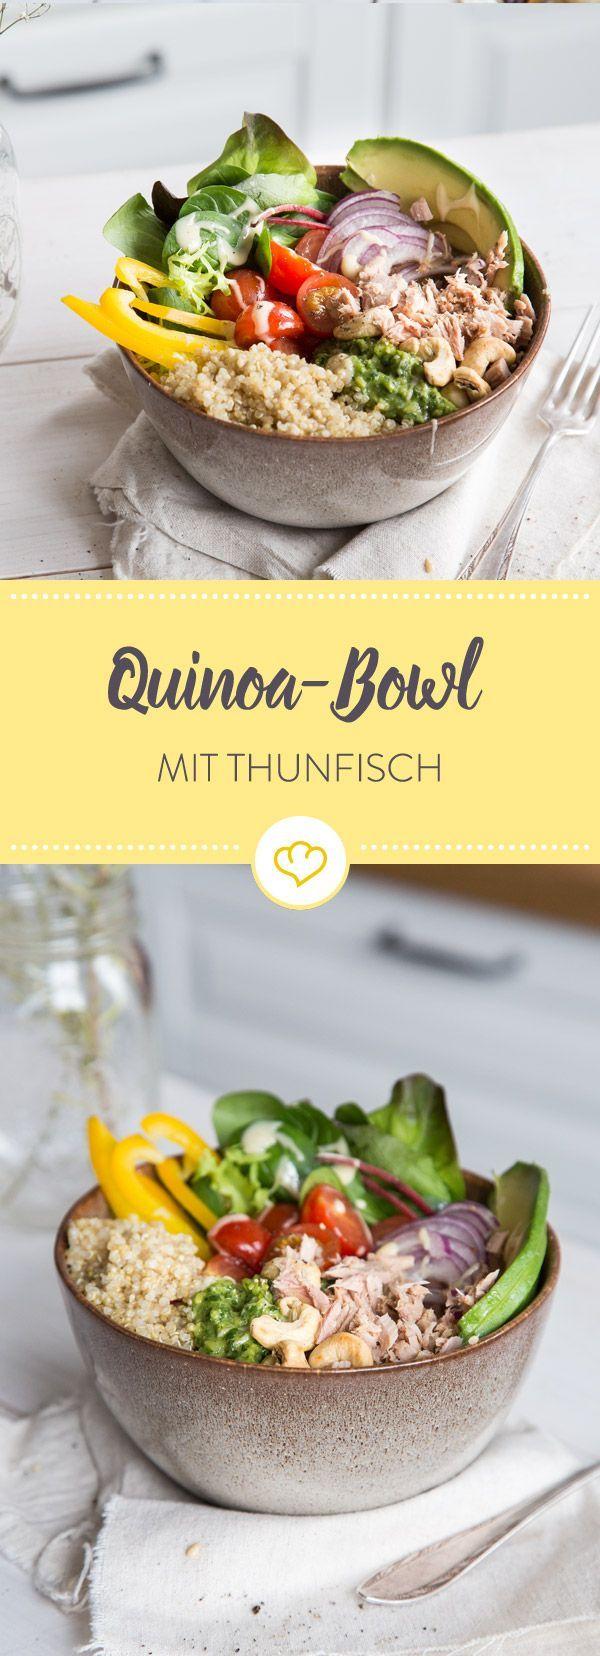 Thuna-Quinoa-Bowl mit Pesto – Thunfisch aus der Schüssel